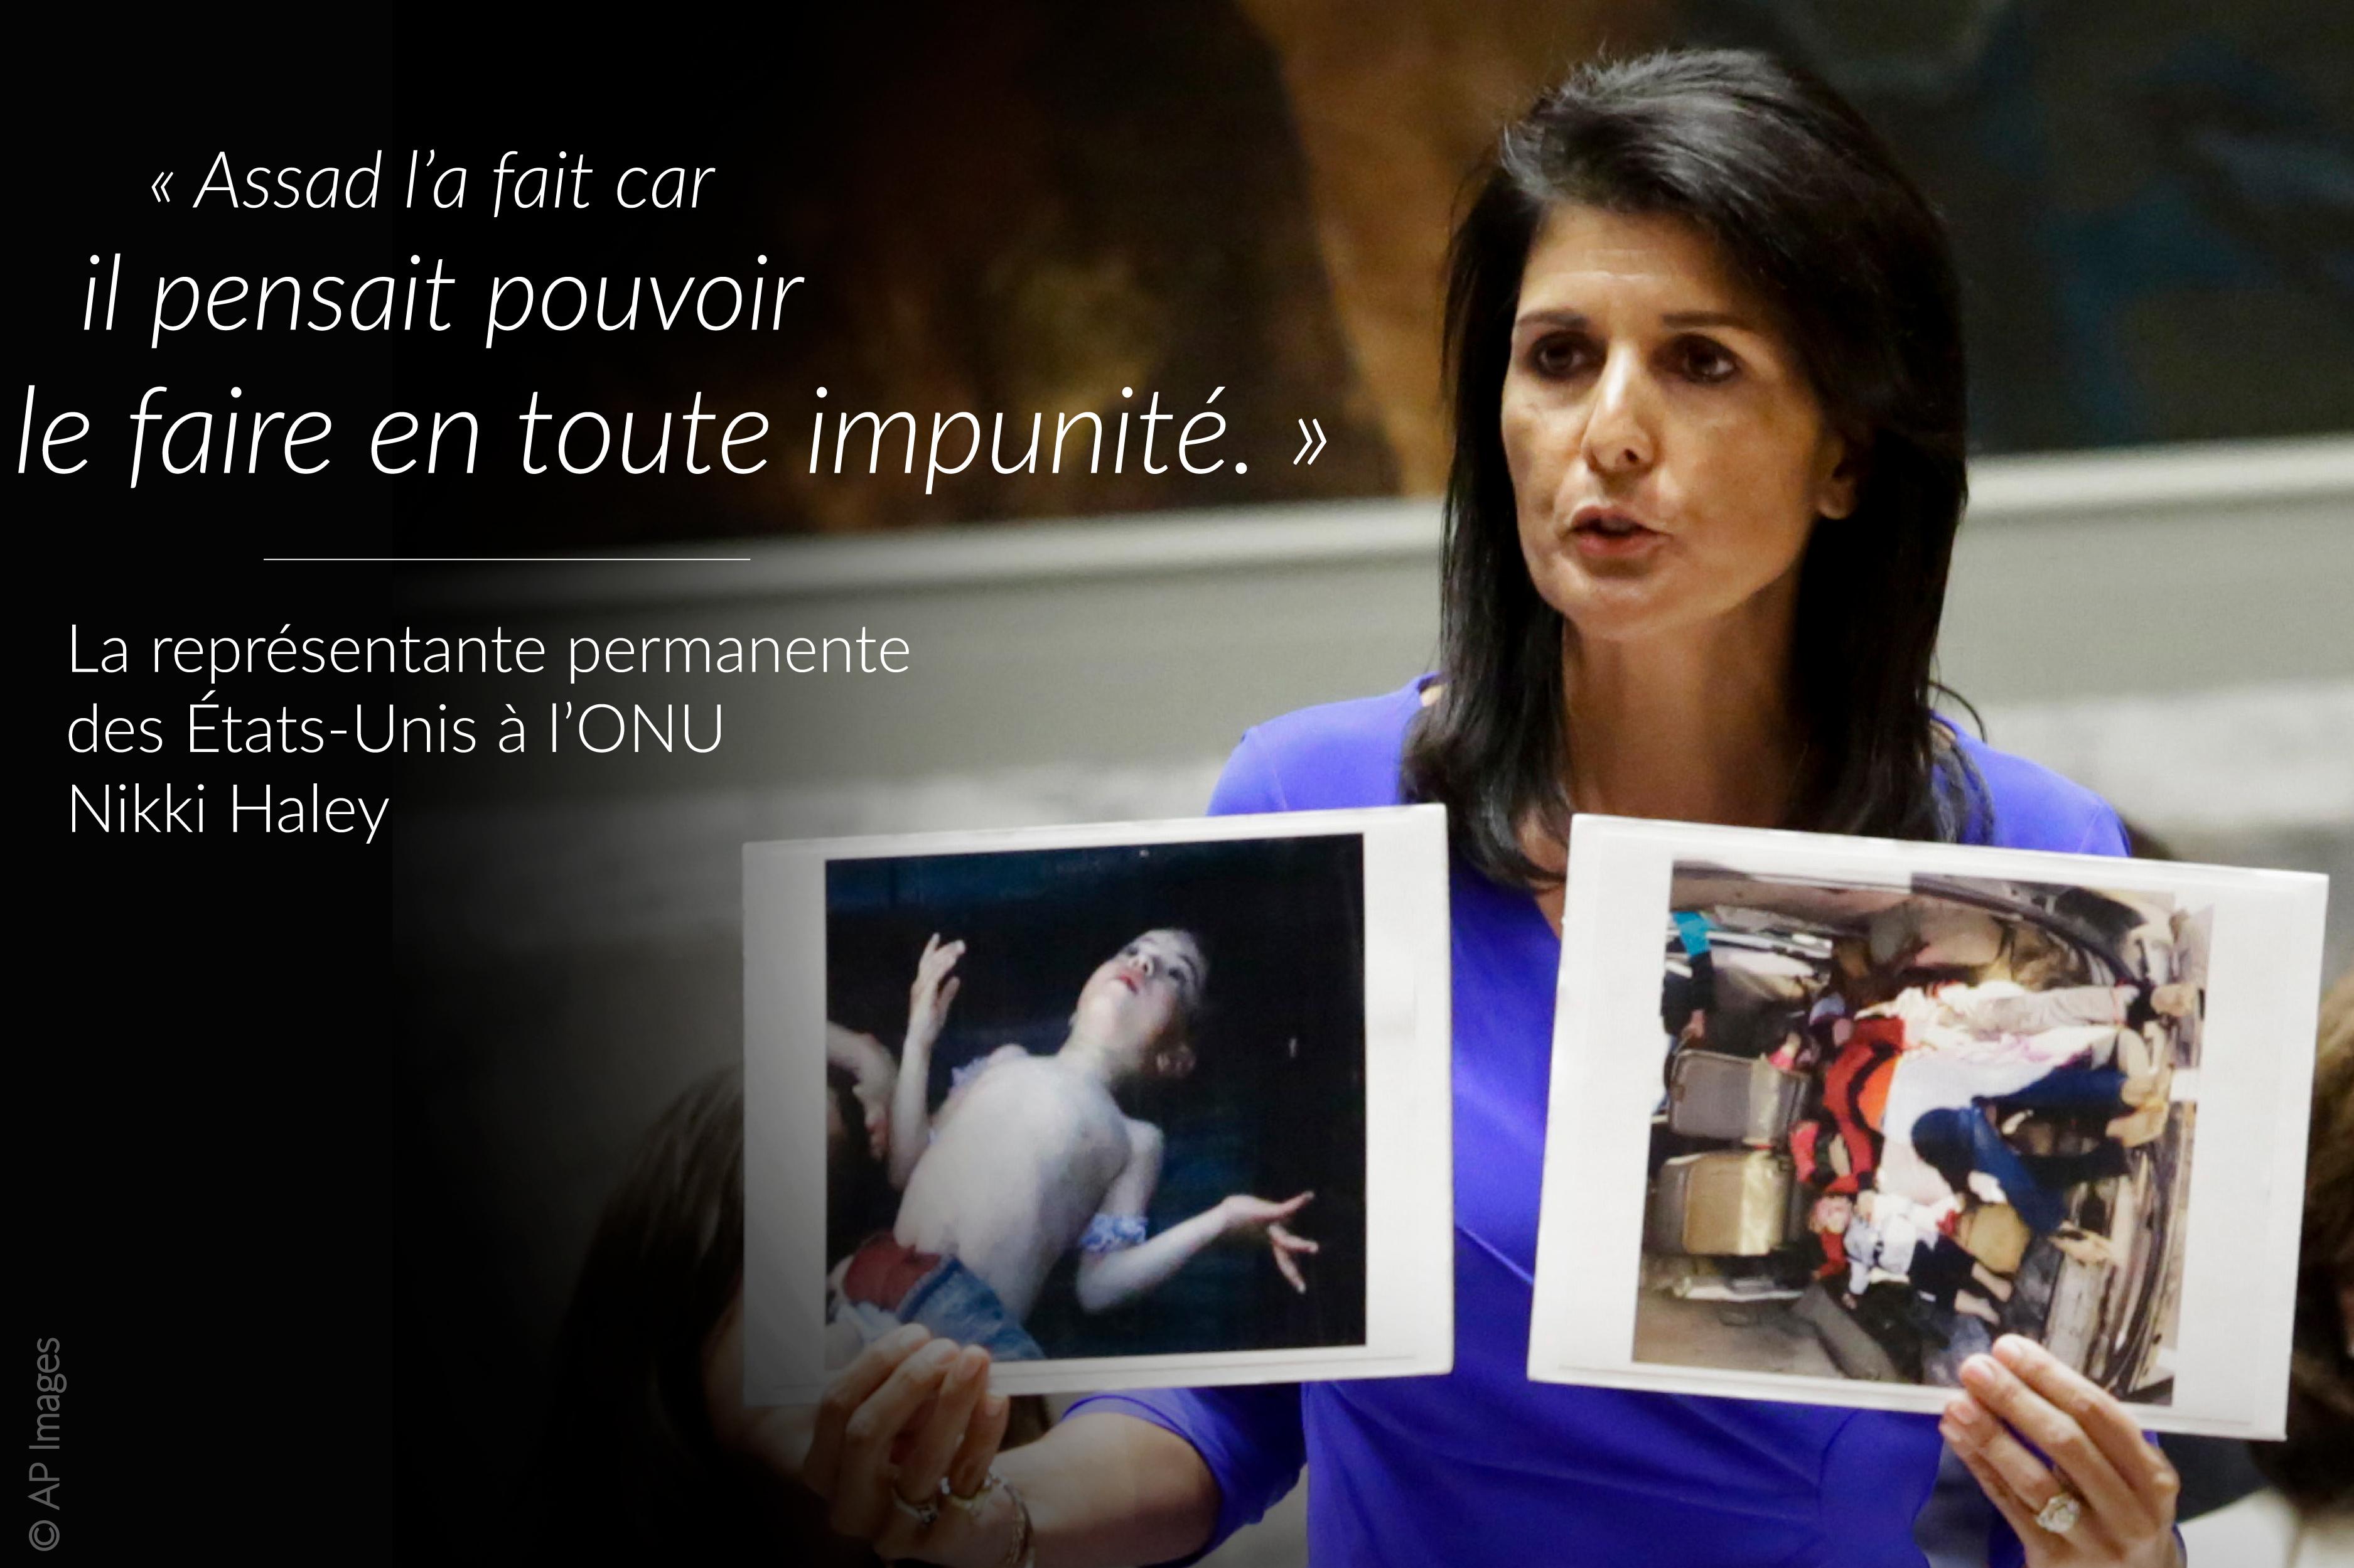 La représentante permanente des États-Unis à l'ONU Nikki Haley tenant des photos de victime de l'attaque à l'arme chimique ; sur sa gauche, une citation inscrite sur l'image (© AP Images)